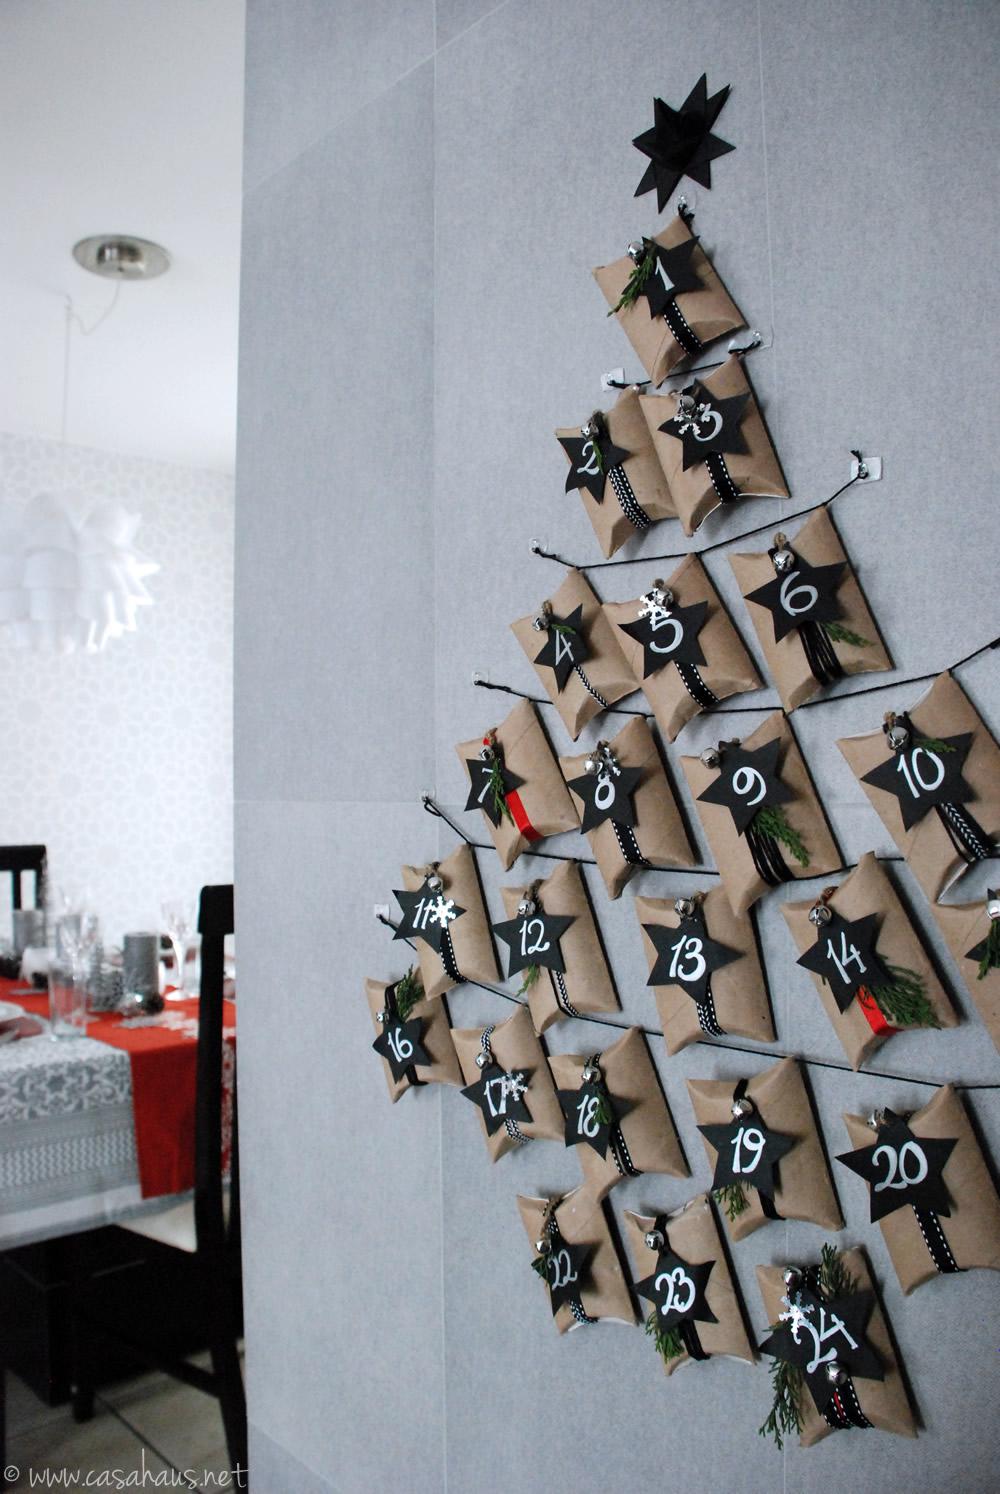 Calendario de adviento hecho con rollos de papel sanitario, sobre la pared